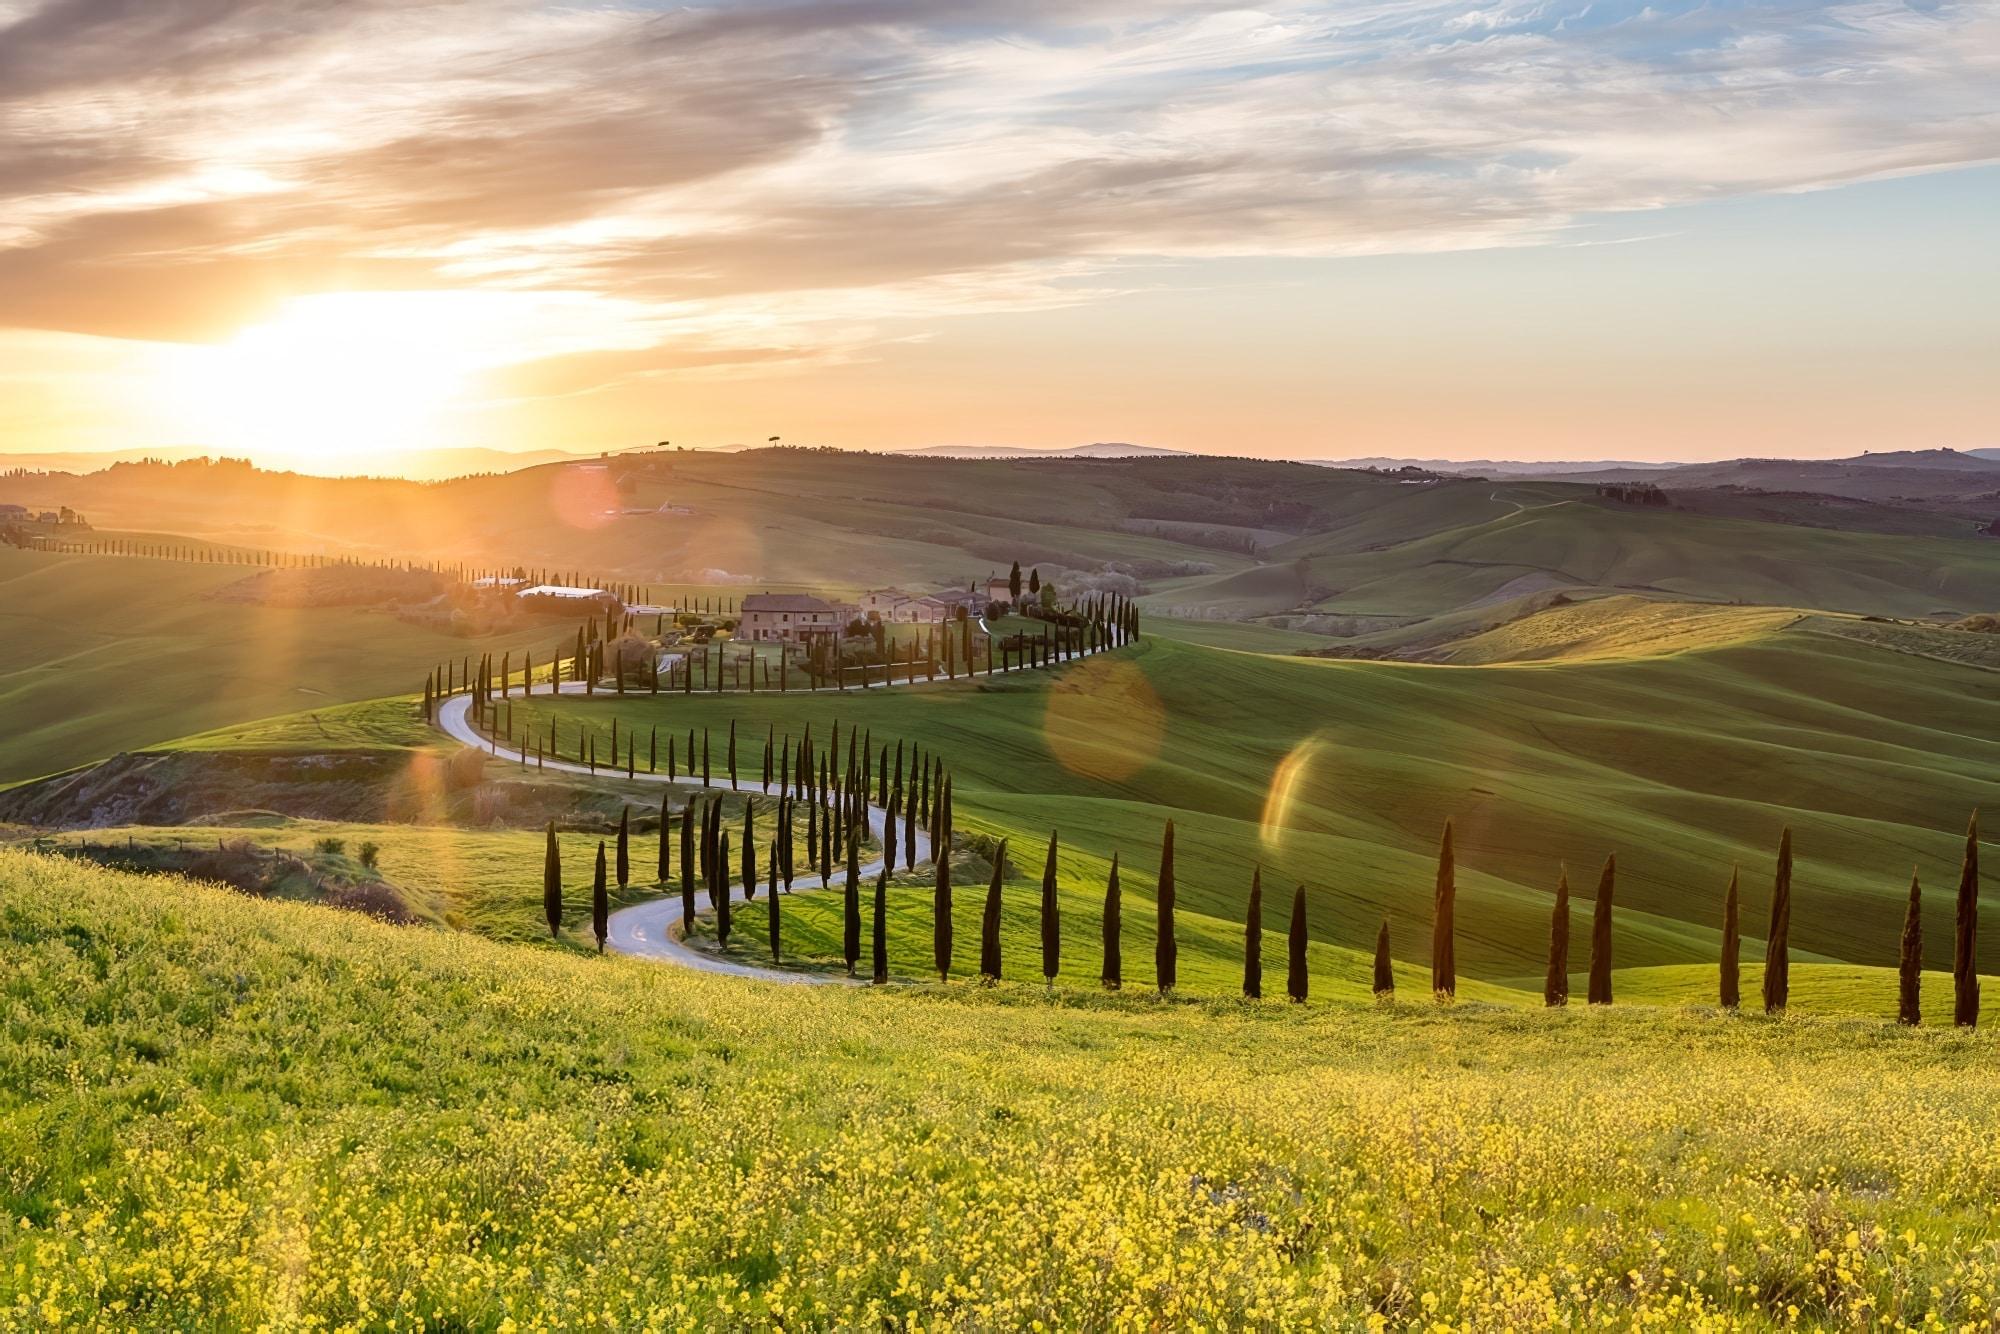 la toscane en camping car visite paysage au coucher de soleil